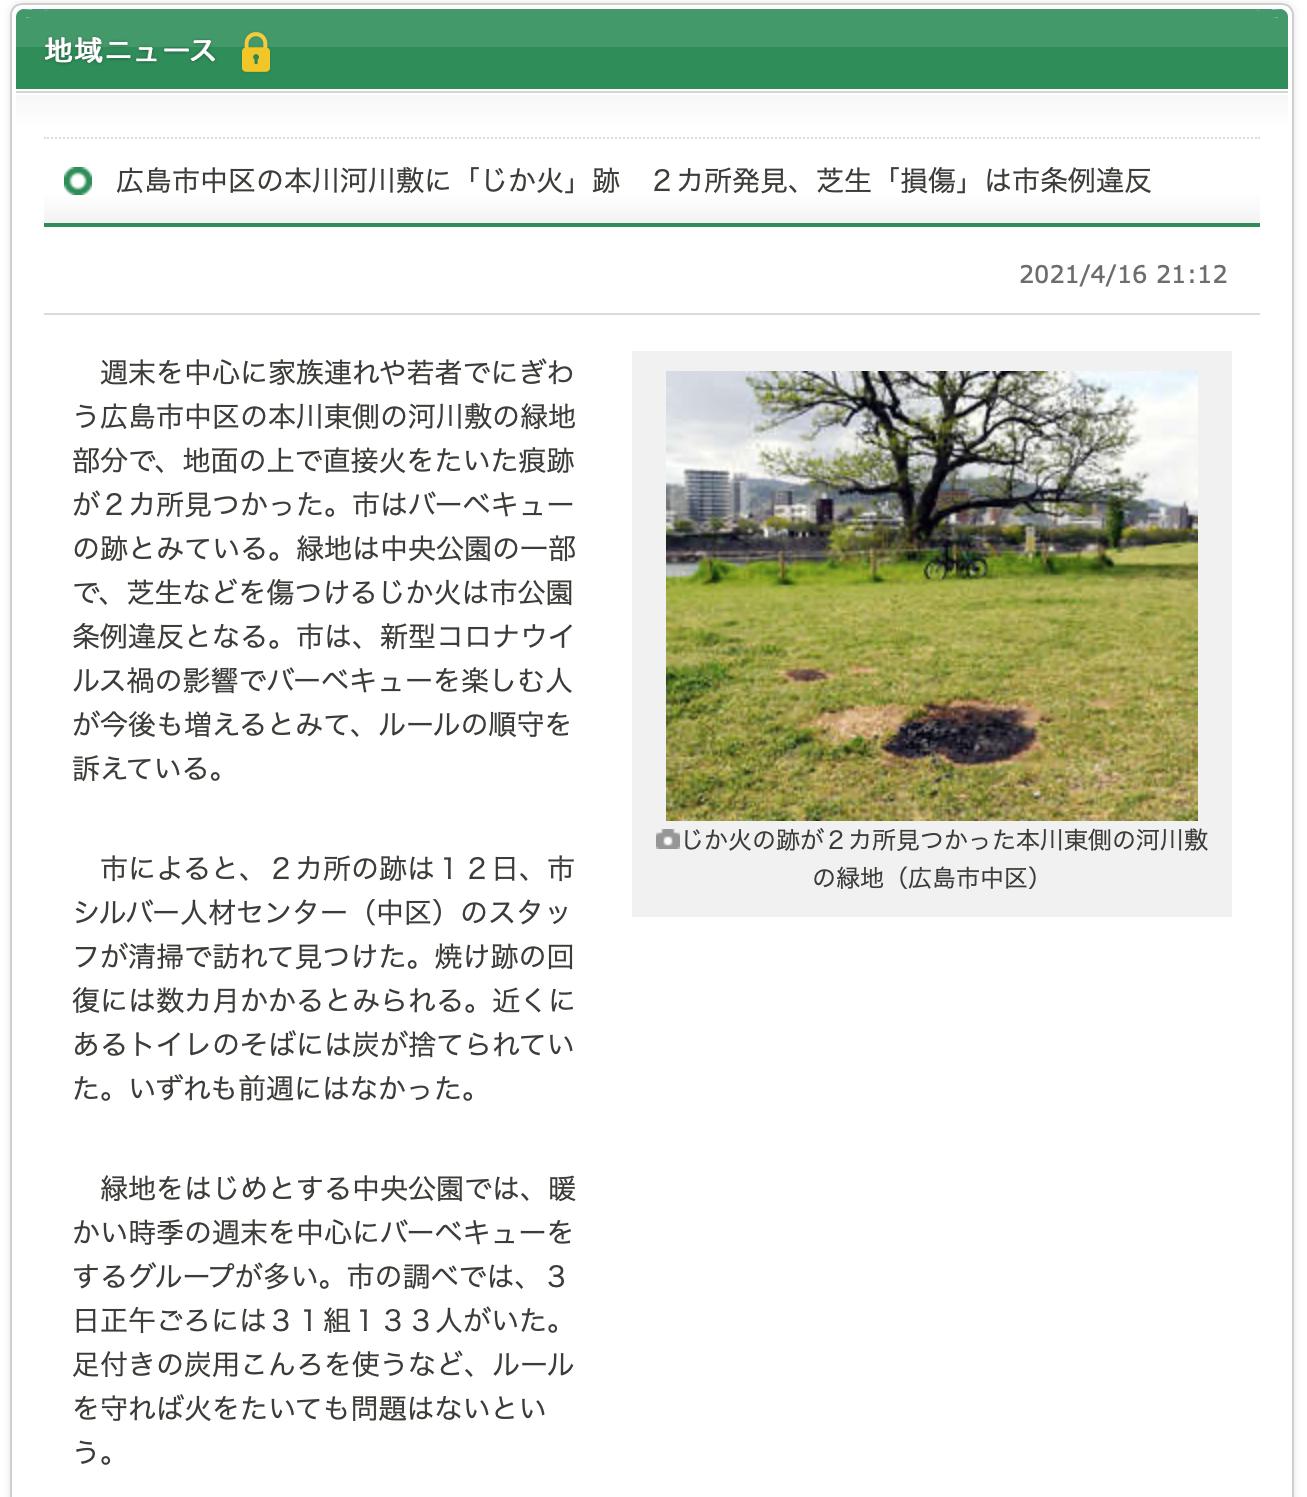 中国新聞より 閲覧日2021/6/6